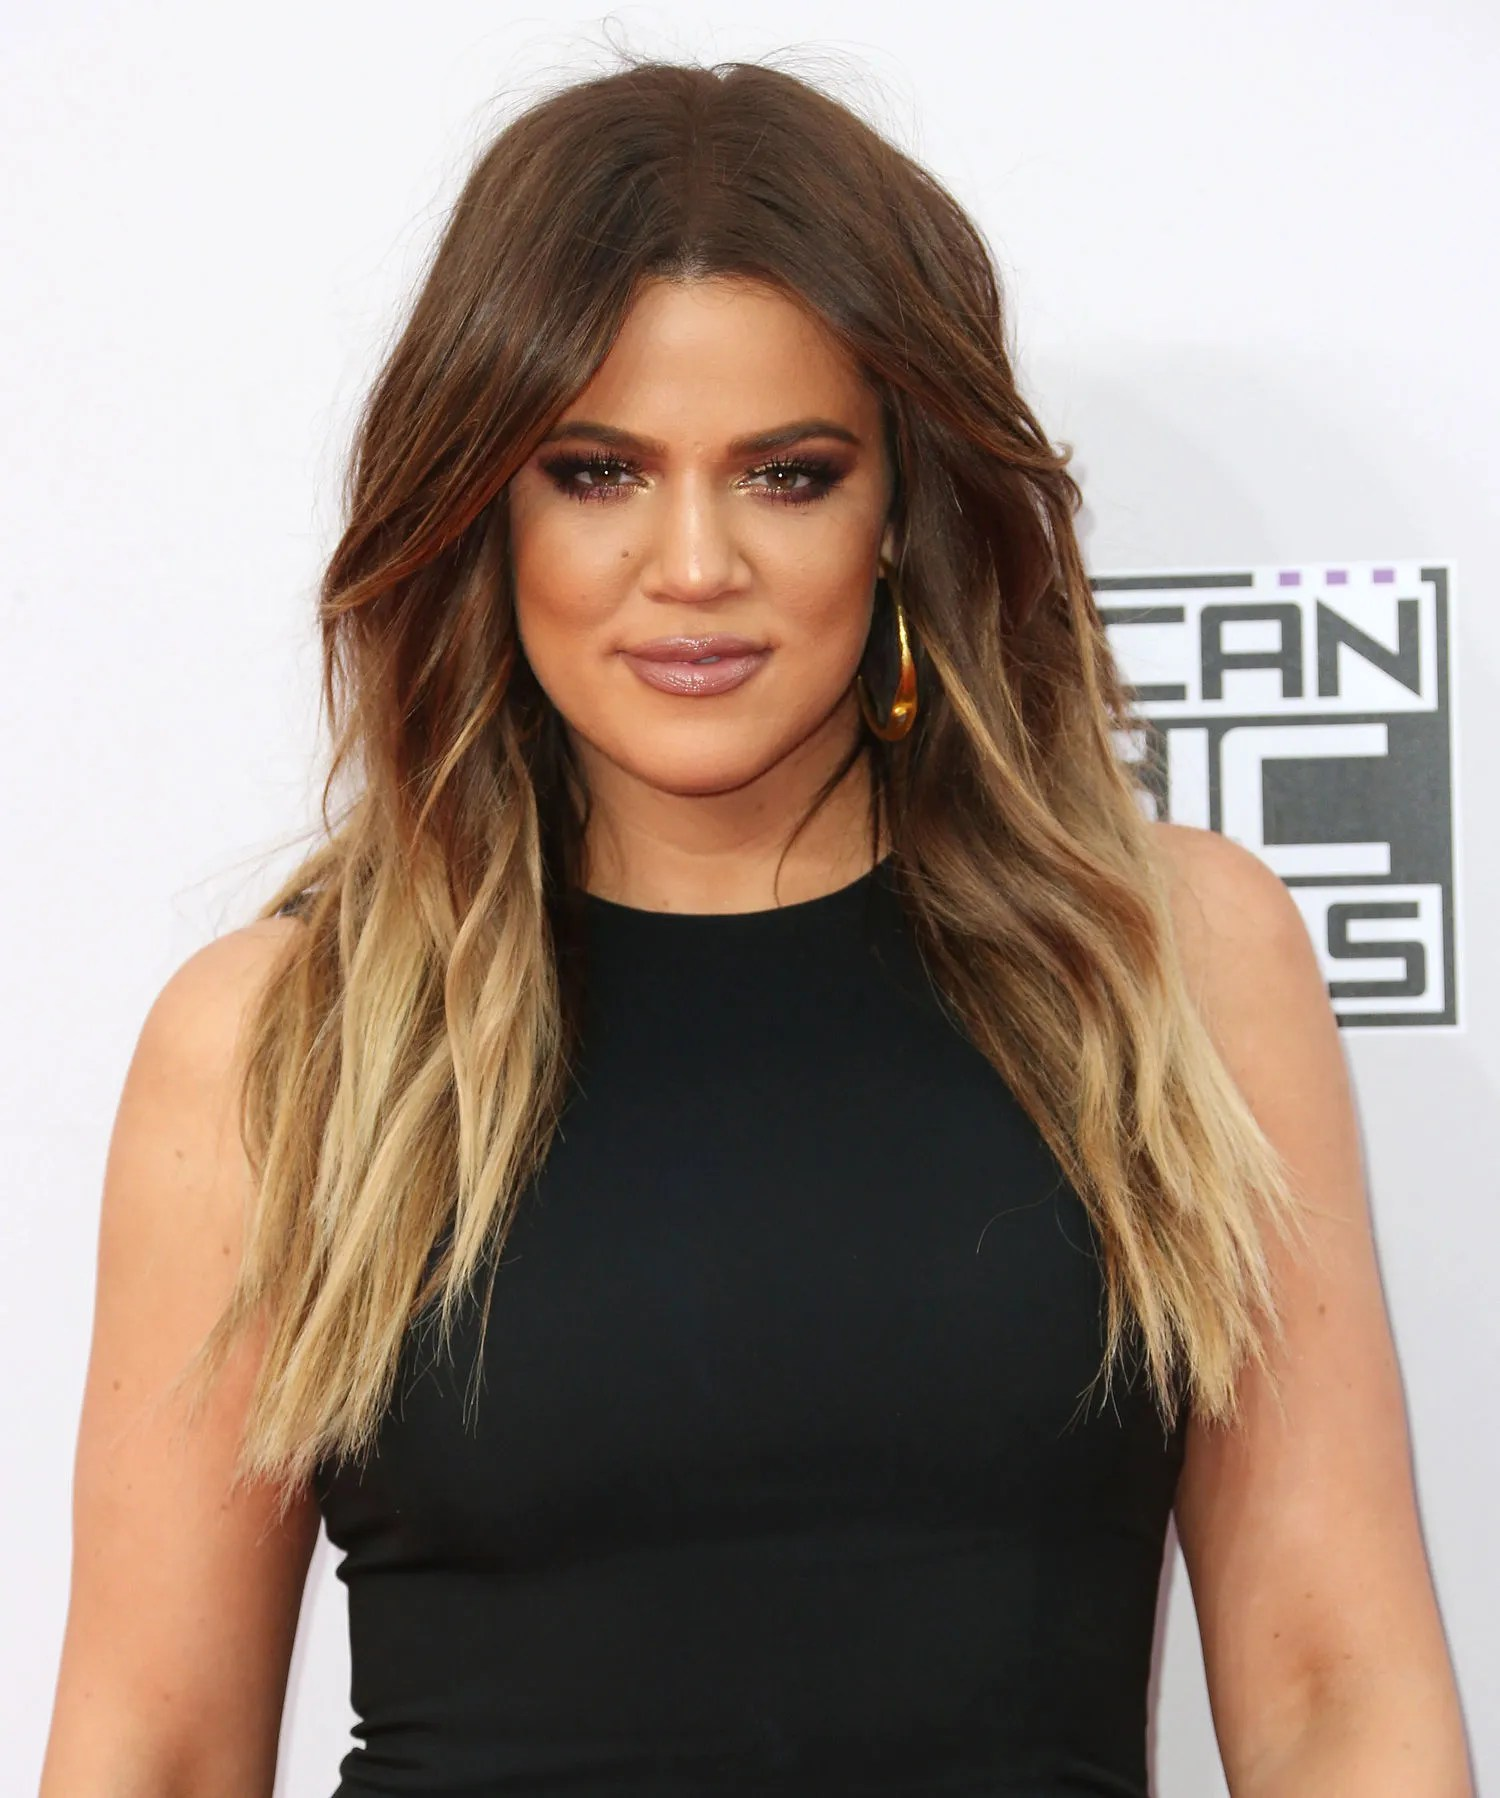 Khloe Kardashian Light Brown Hair